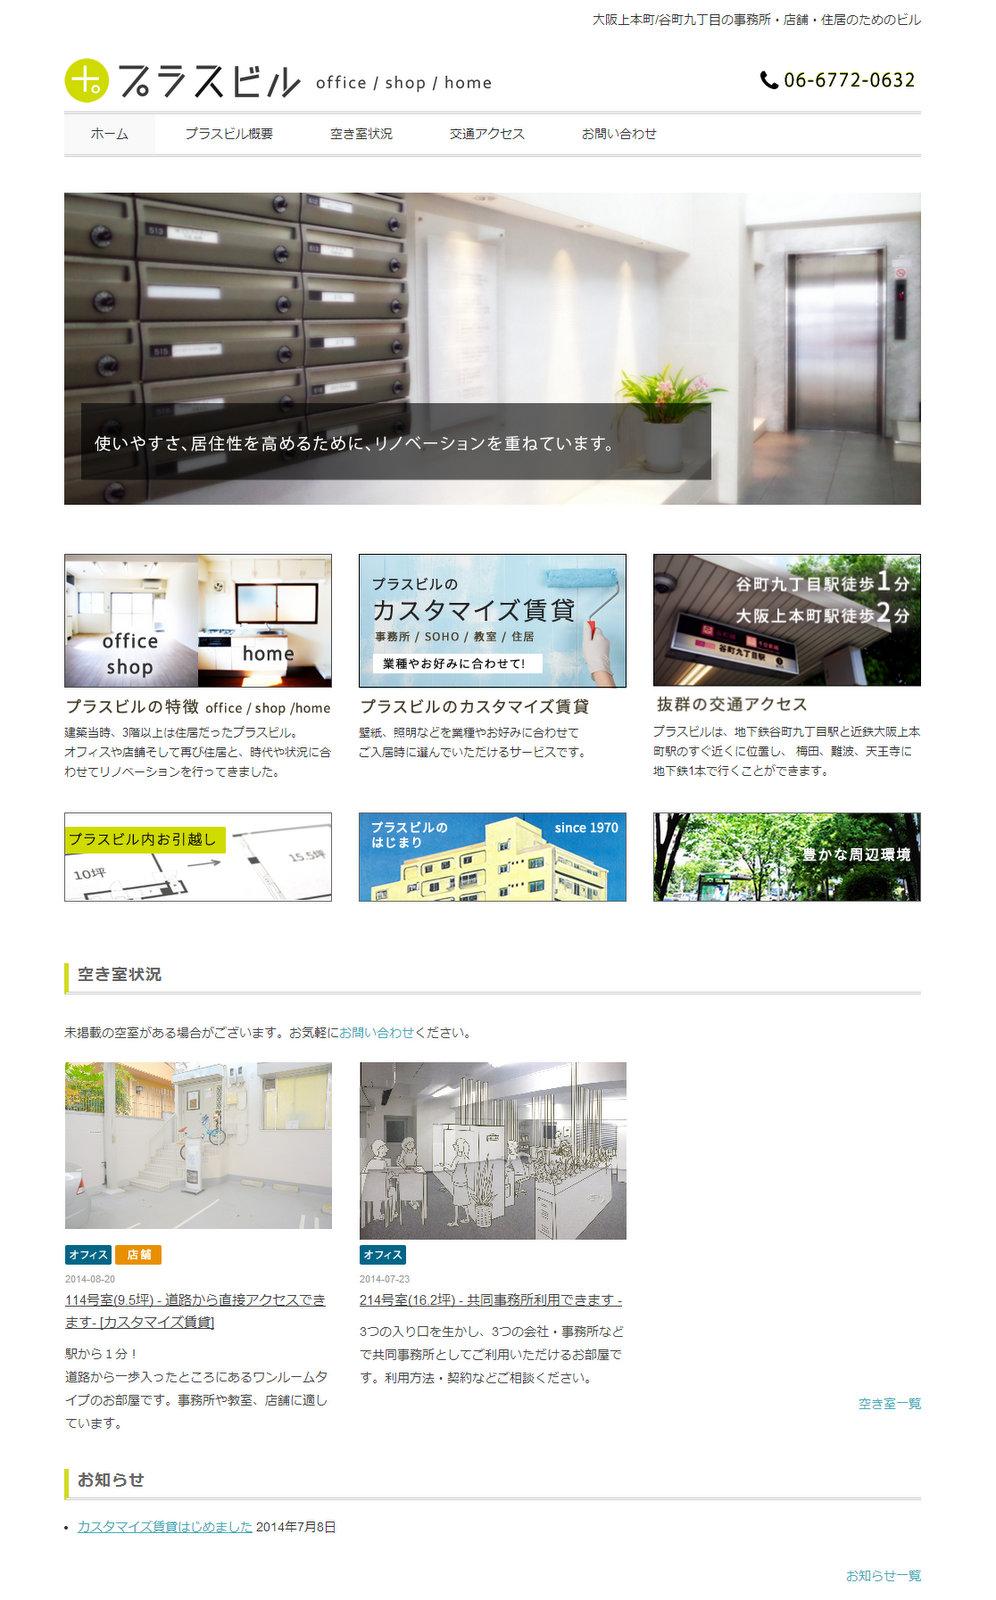 賃貸ビル webサイト制作